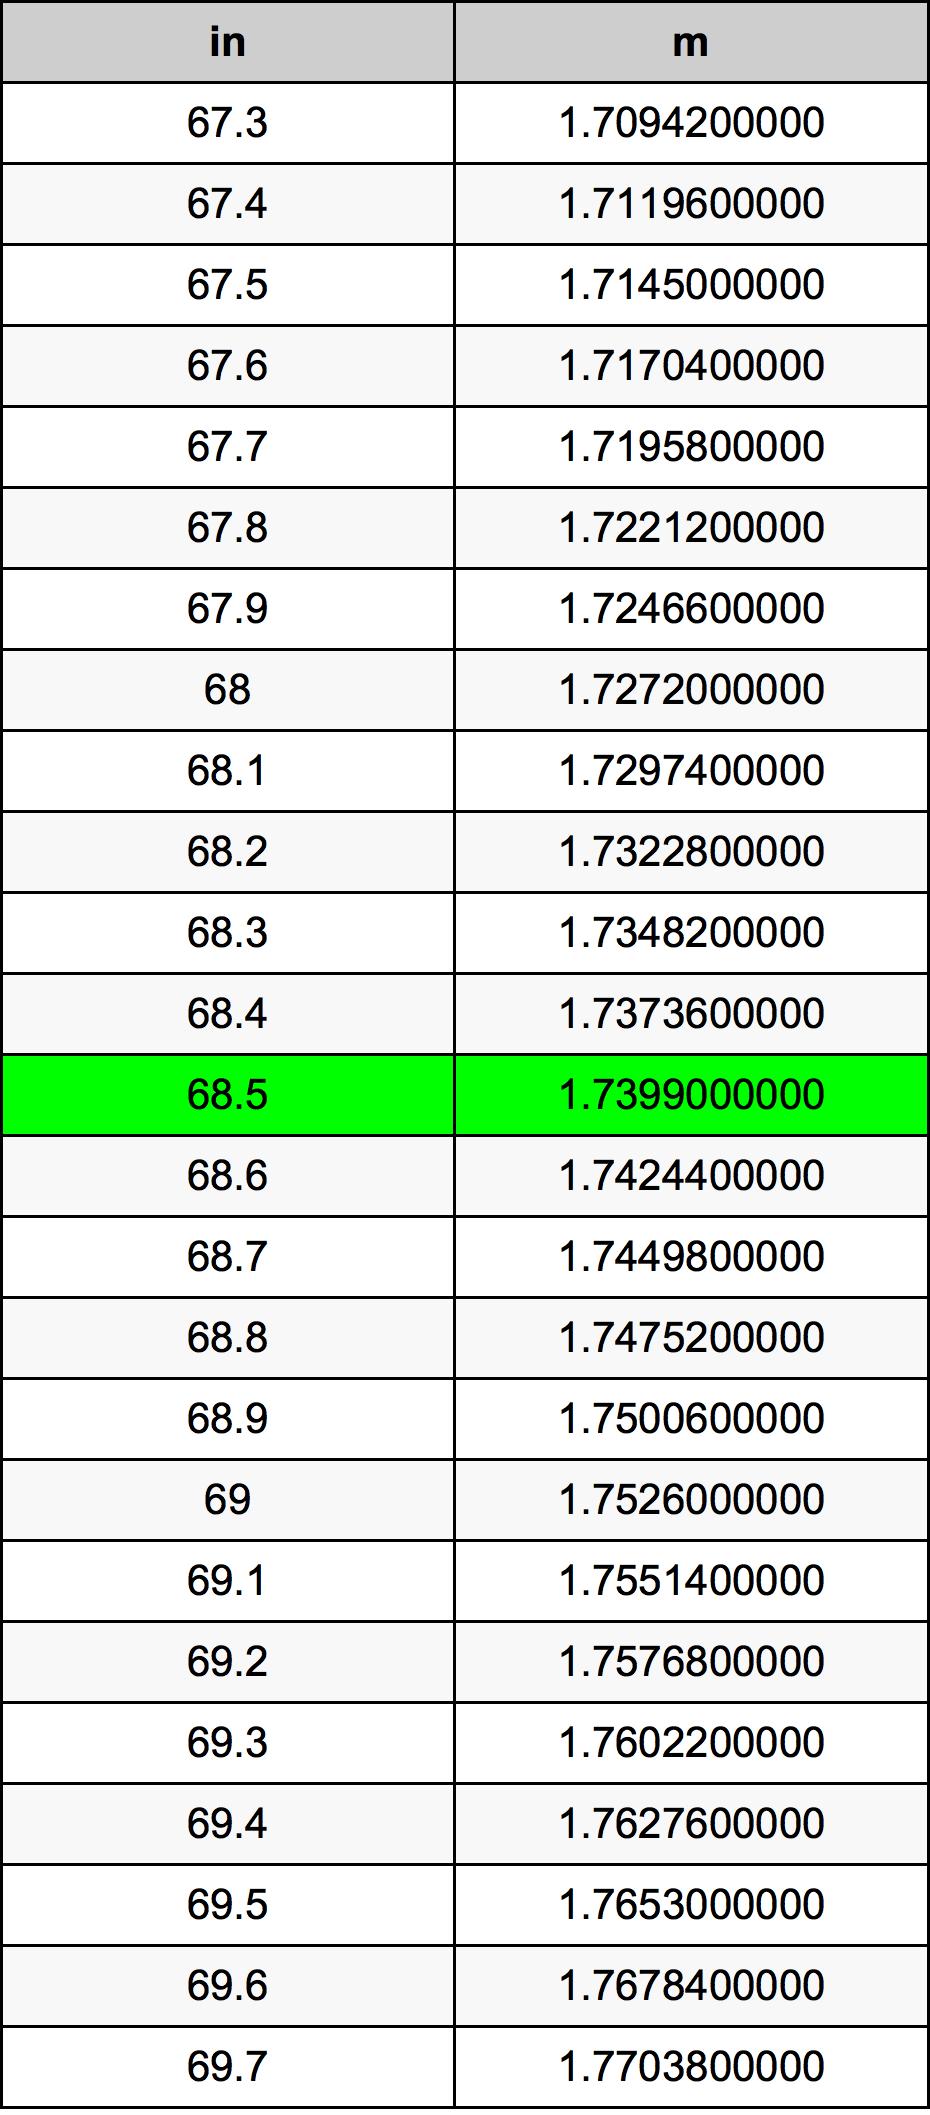 68.5 дюйм Таблиця перетворення